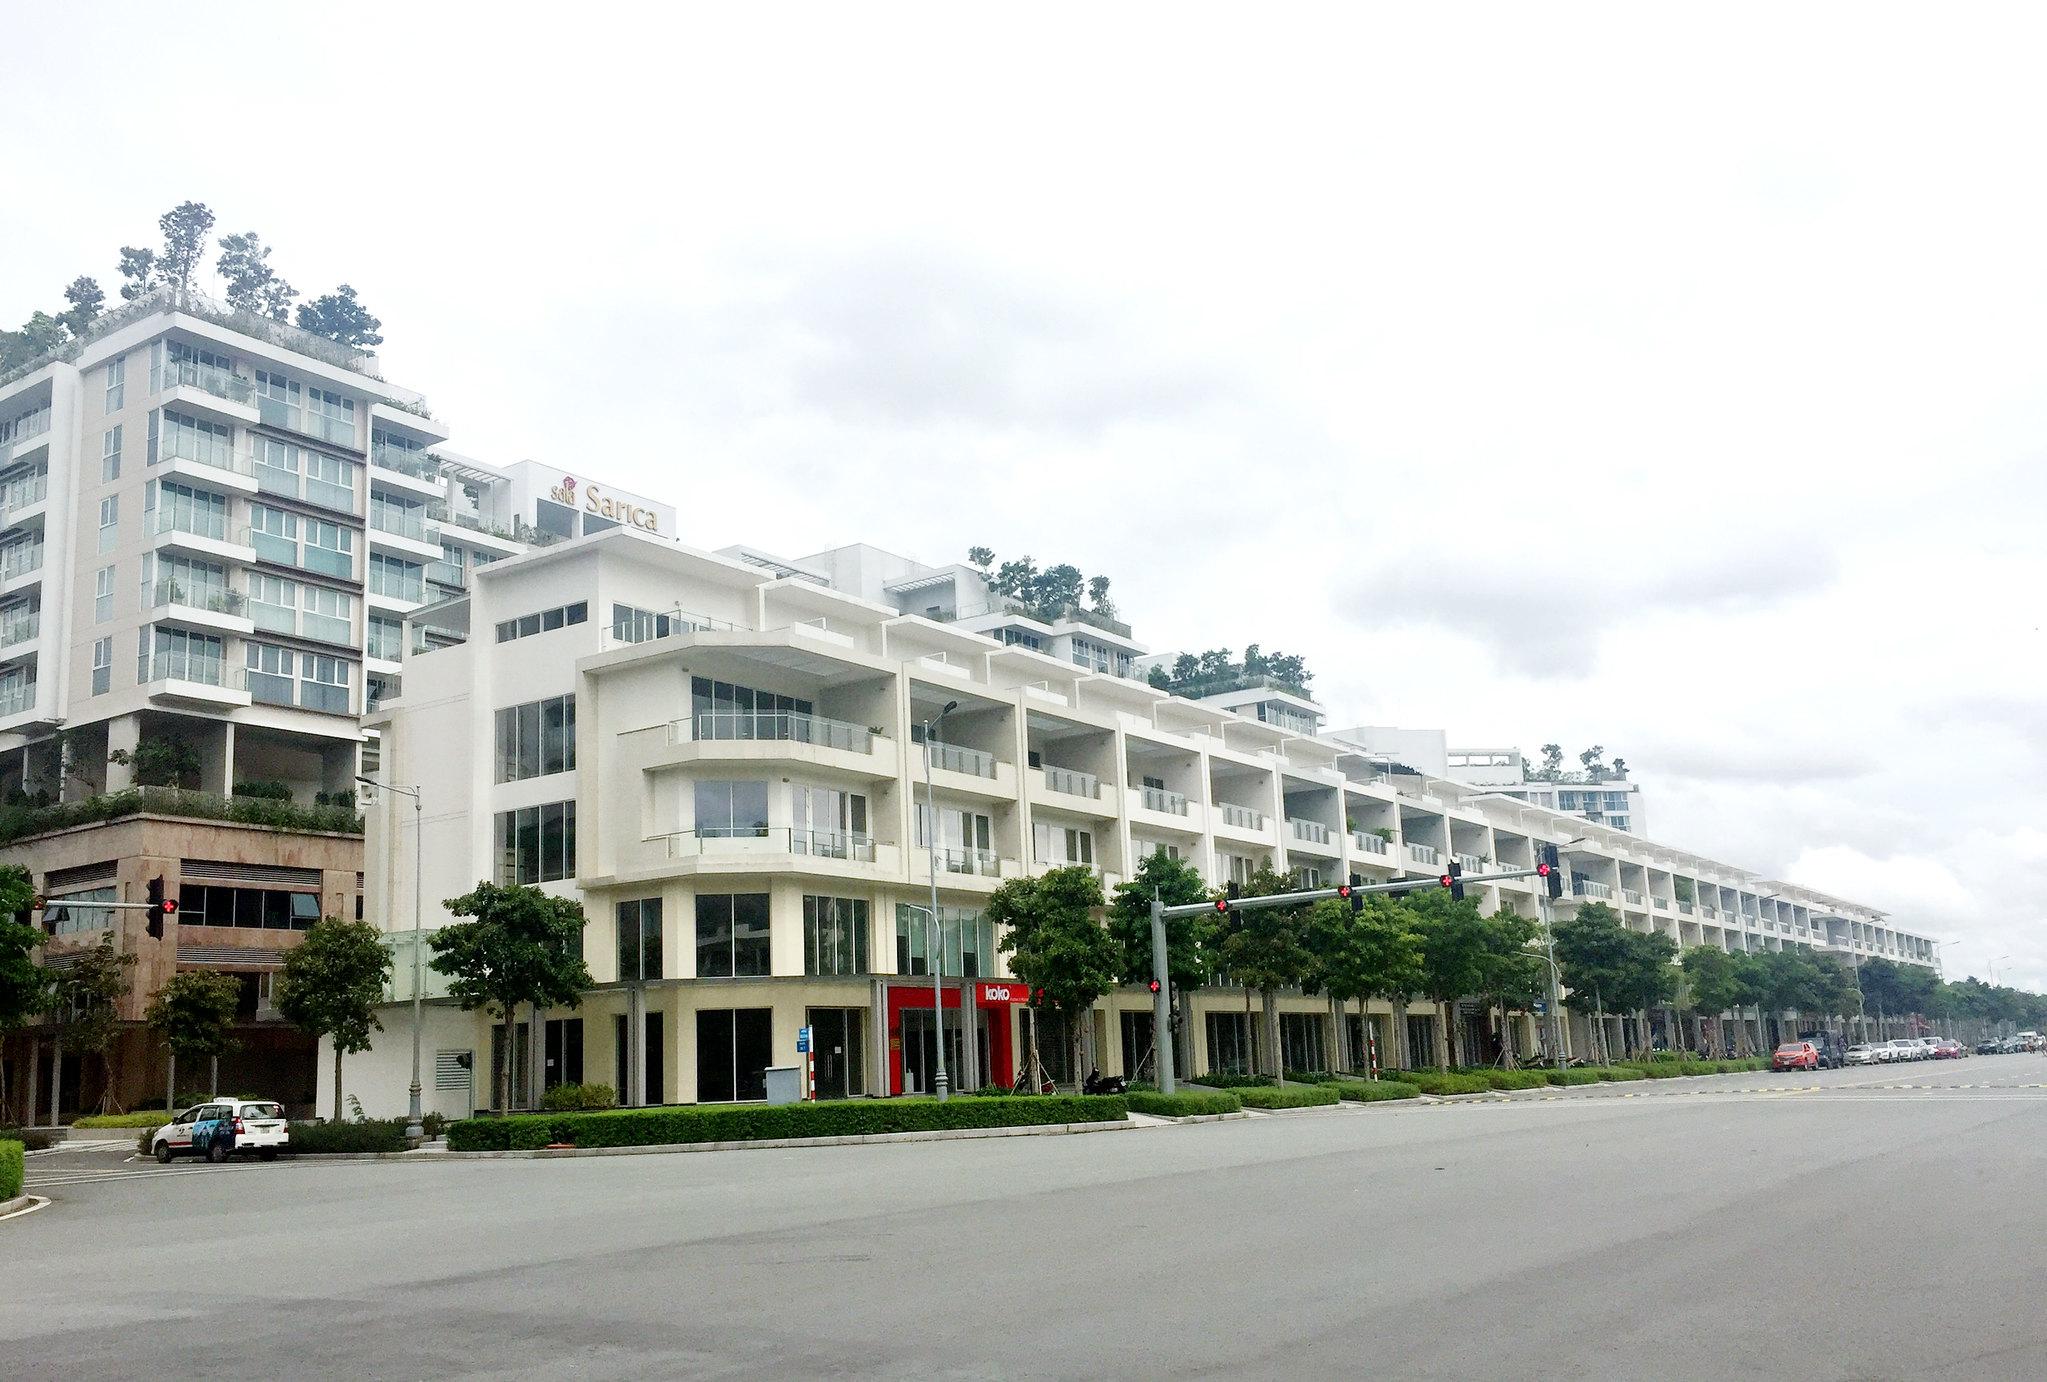 Căn shophouse có 2 mặt tiền kinh doanh được, mặt trước đường Nguyễn Cơ Thạch, mặt sau về khu căn hộ cao cấp nhất tại Sala - Sarica